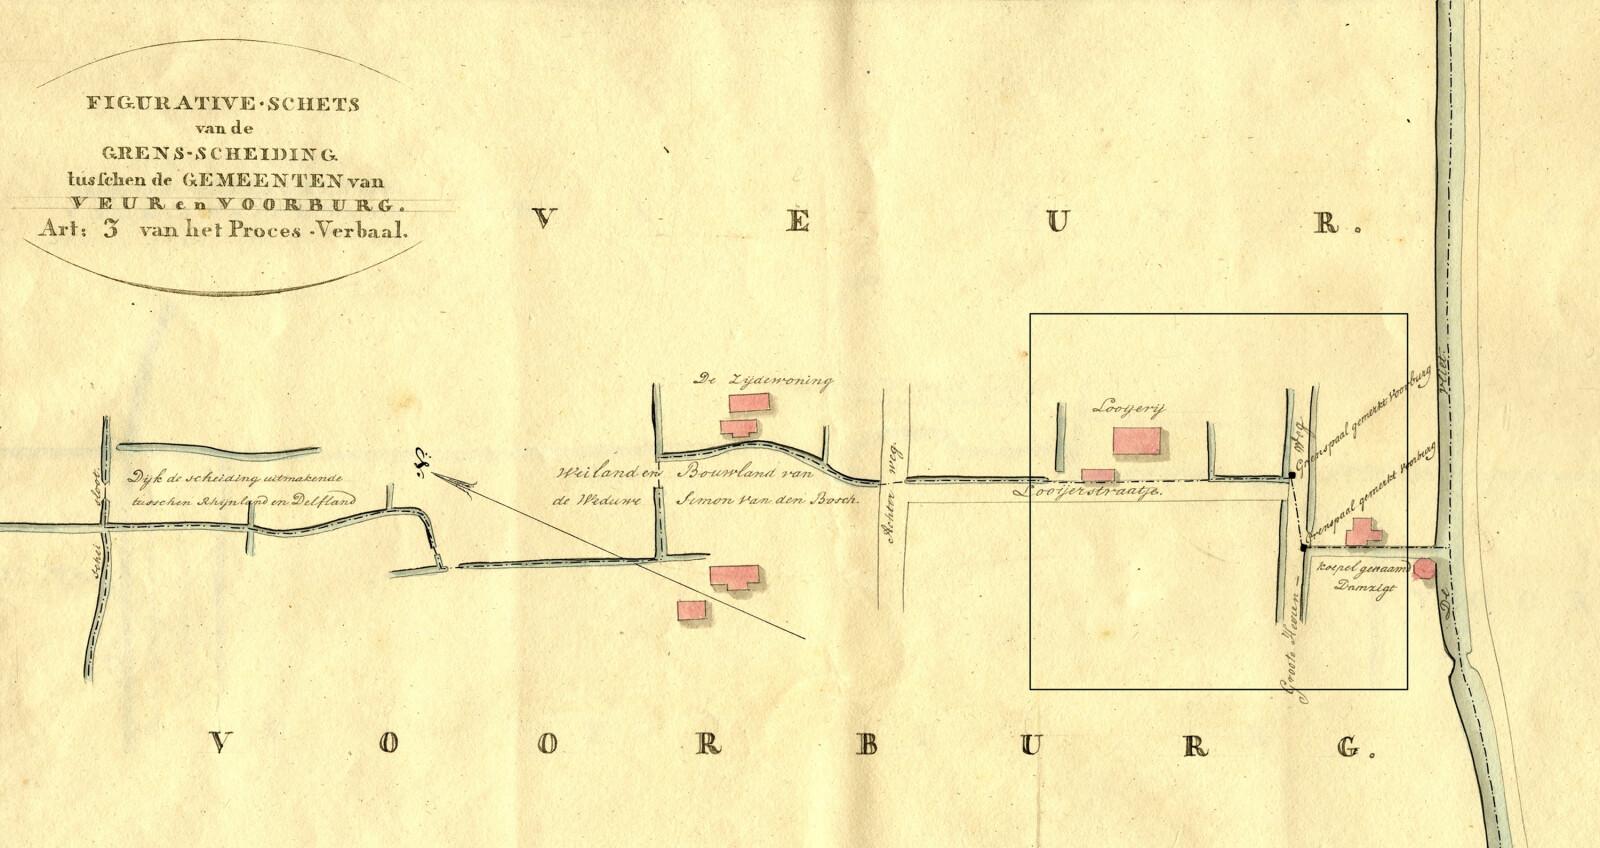 figuratieve-schtes-grensscheiding-veur-voorburg-jaar-1818-jpeg-pix-3000-voor-artikel-bewaren.jpg